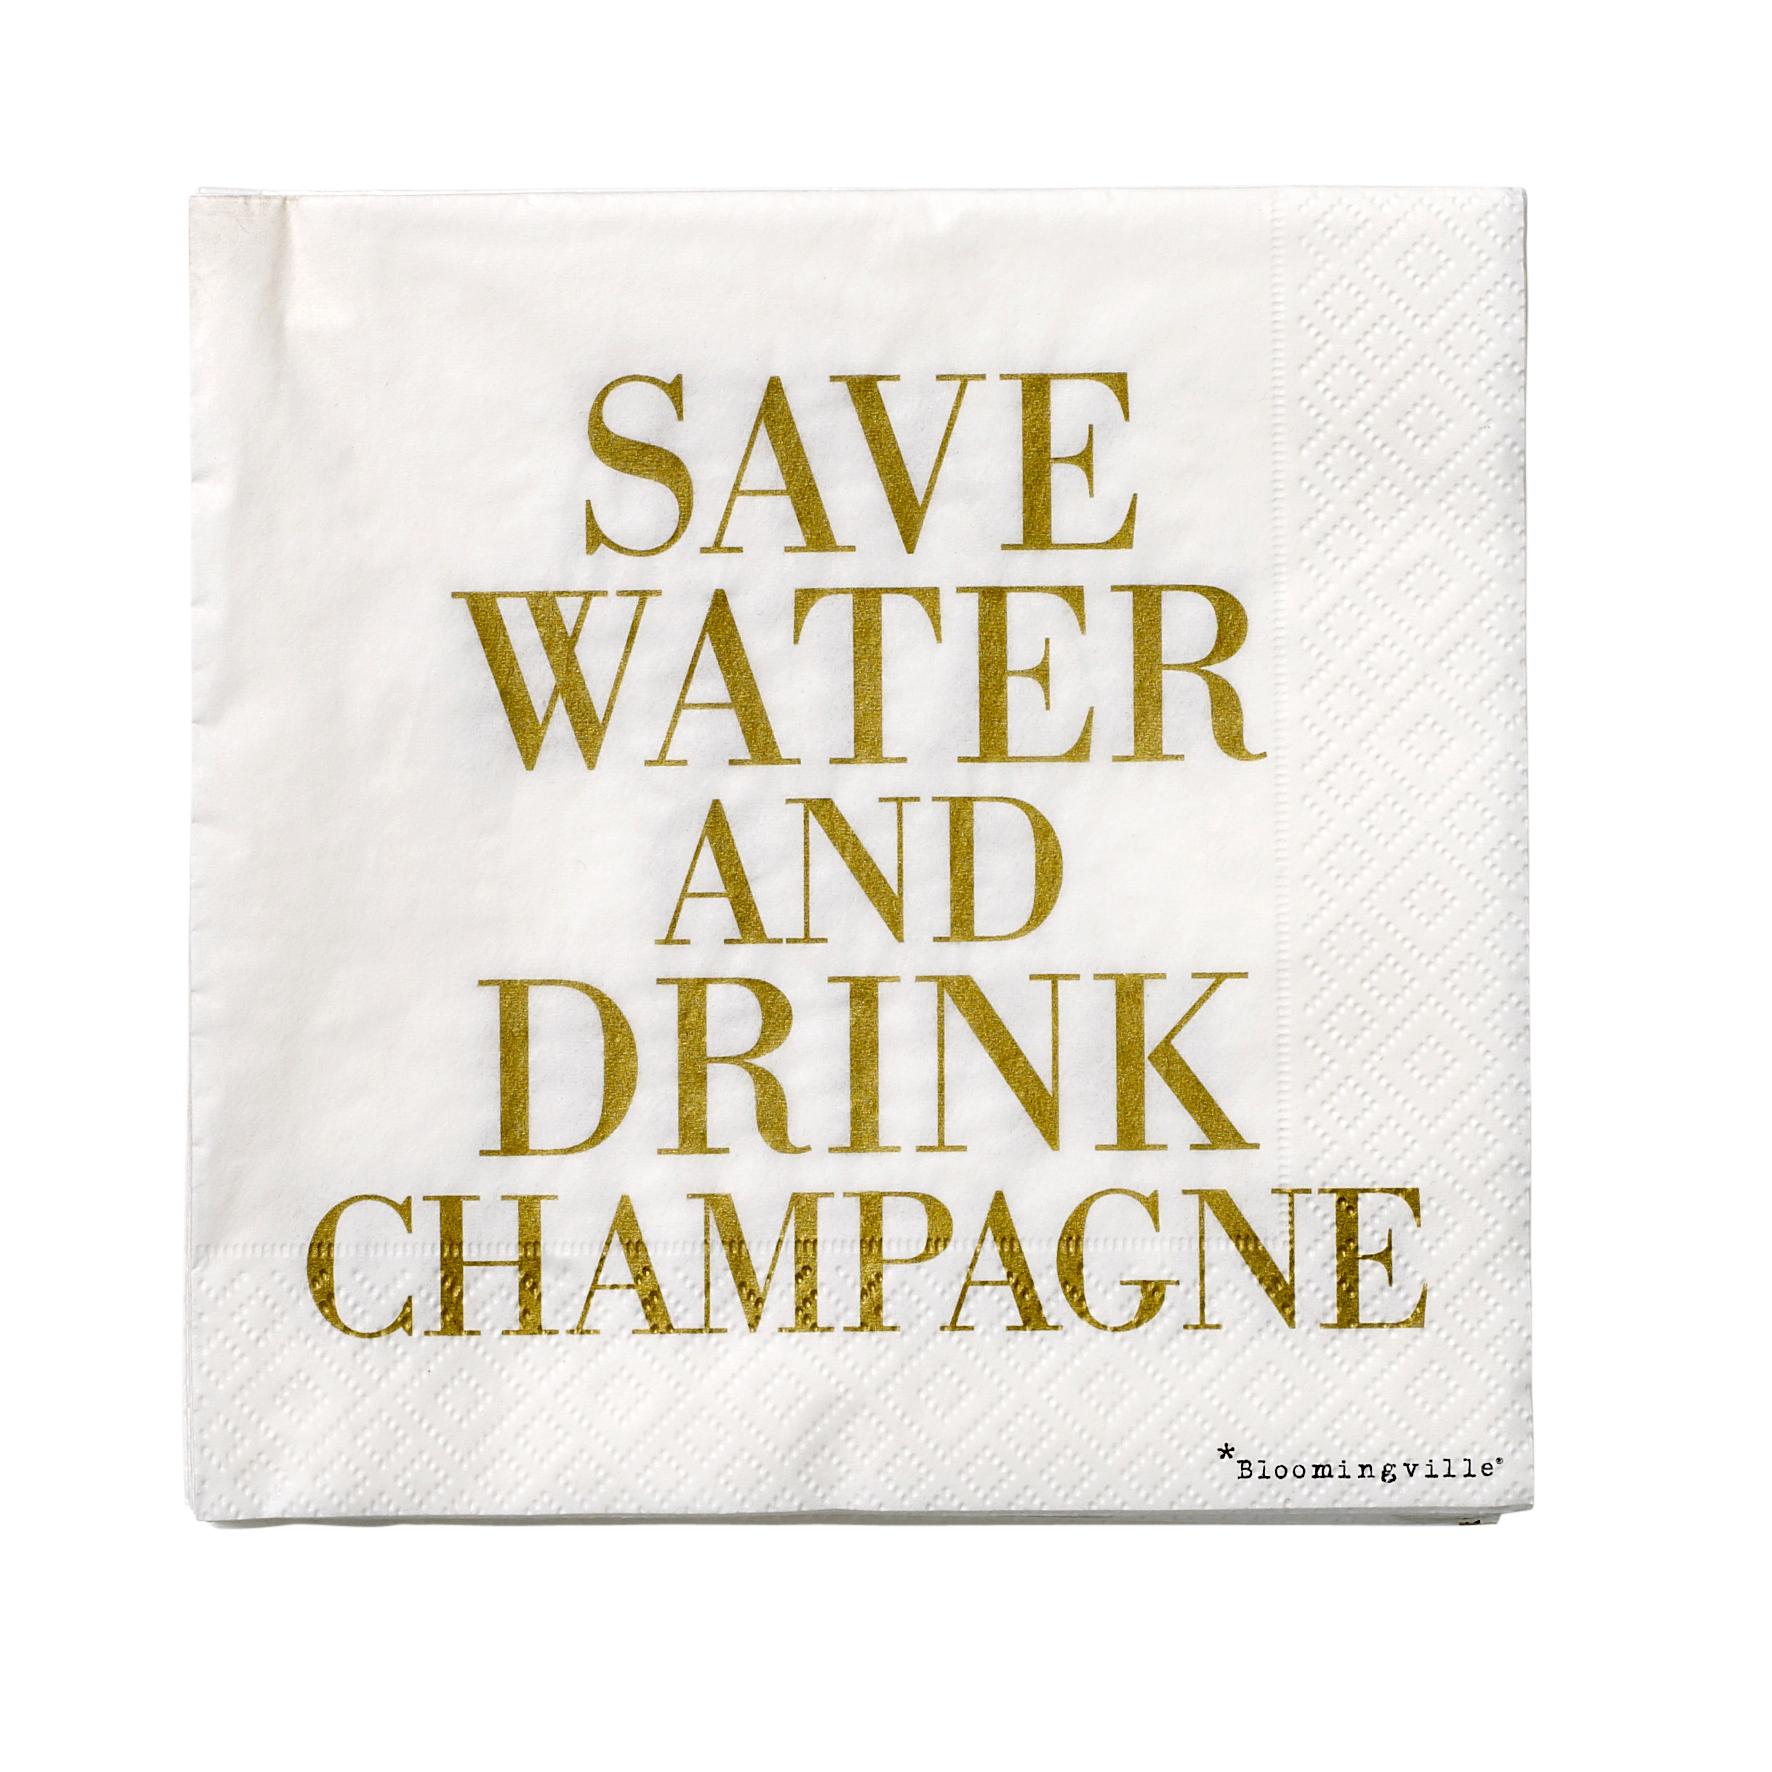 Pachet Servetele Save Water... Alb/auriu  L33xl33 Cm  20 Buc/pachet